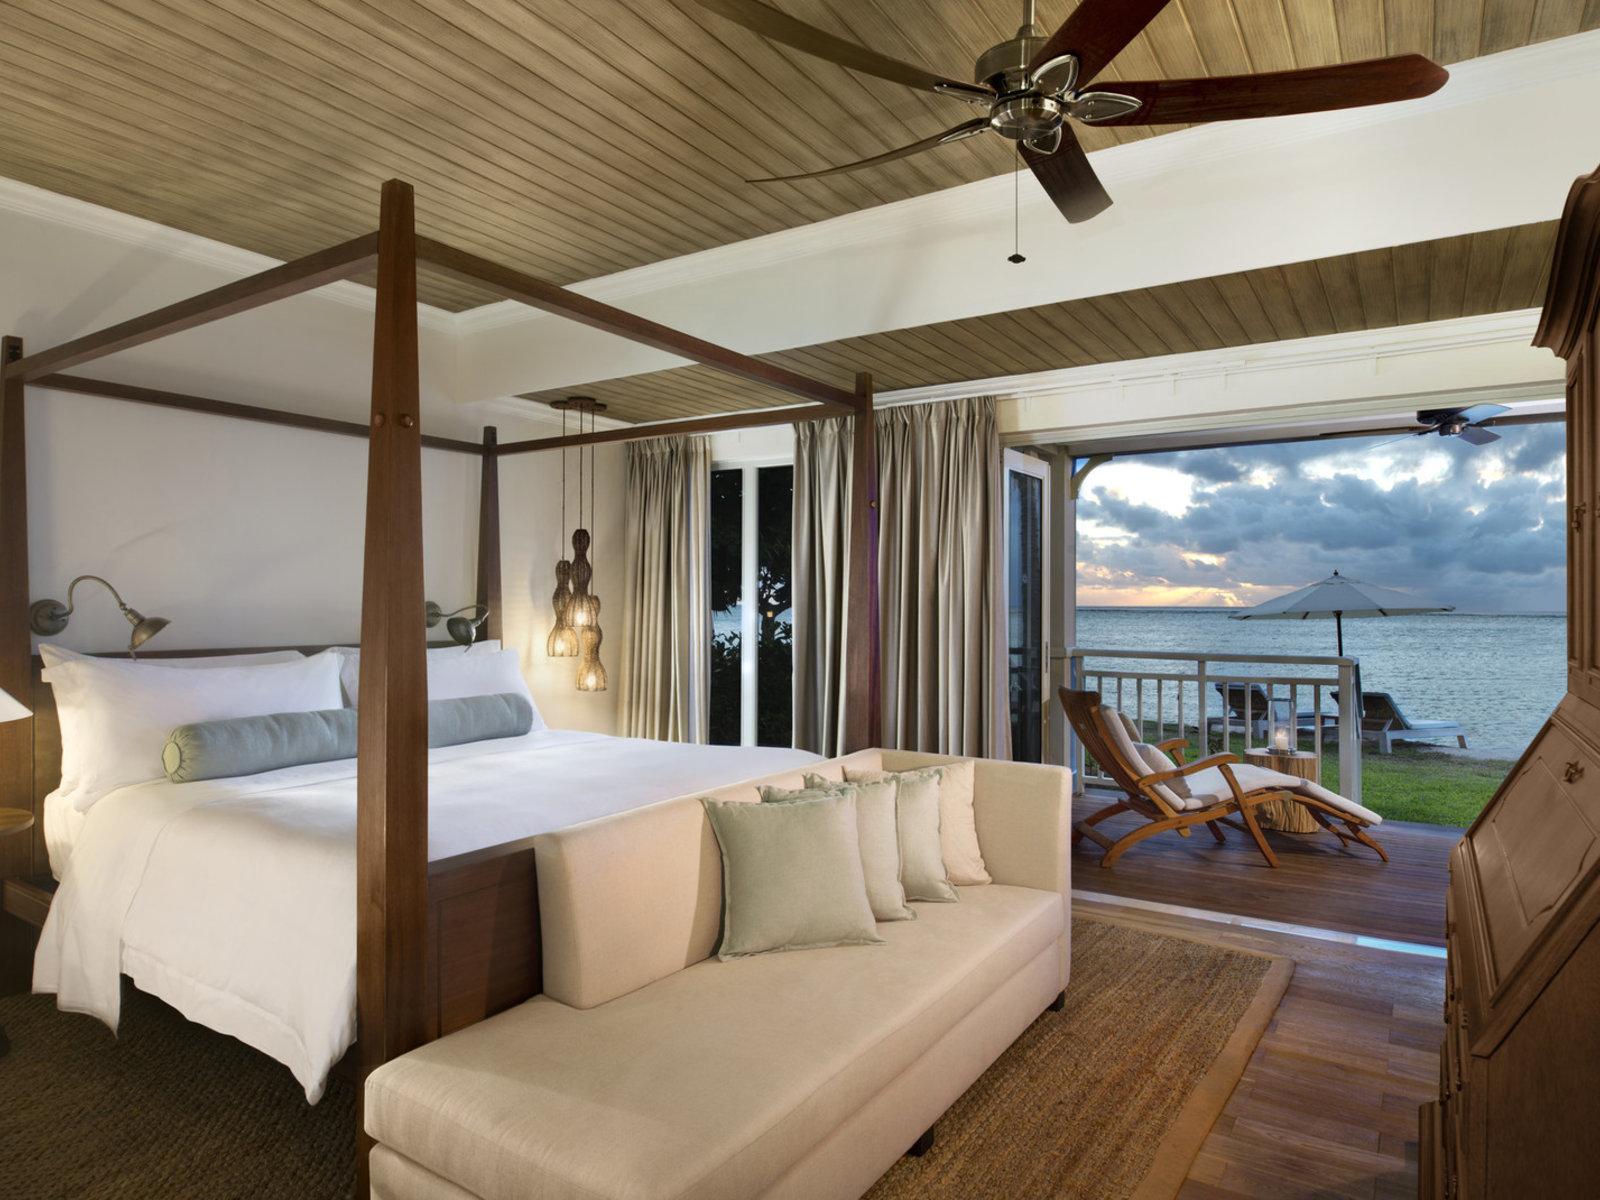 Wohnbeispiel Honeymoon Beachfront St. Regis Suite